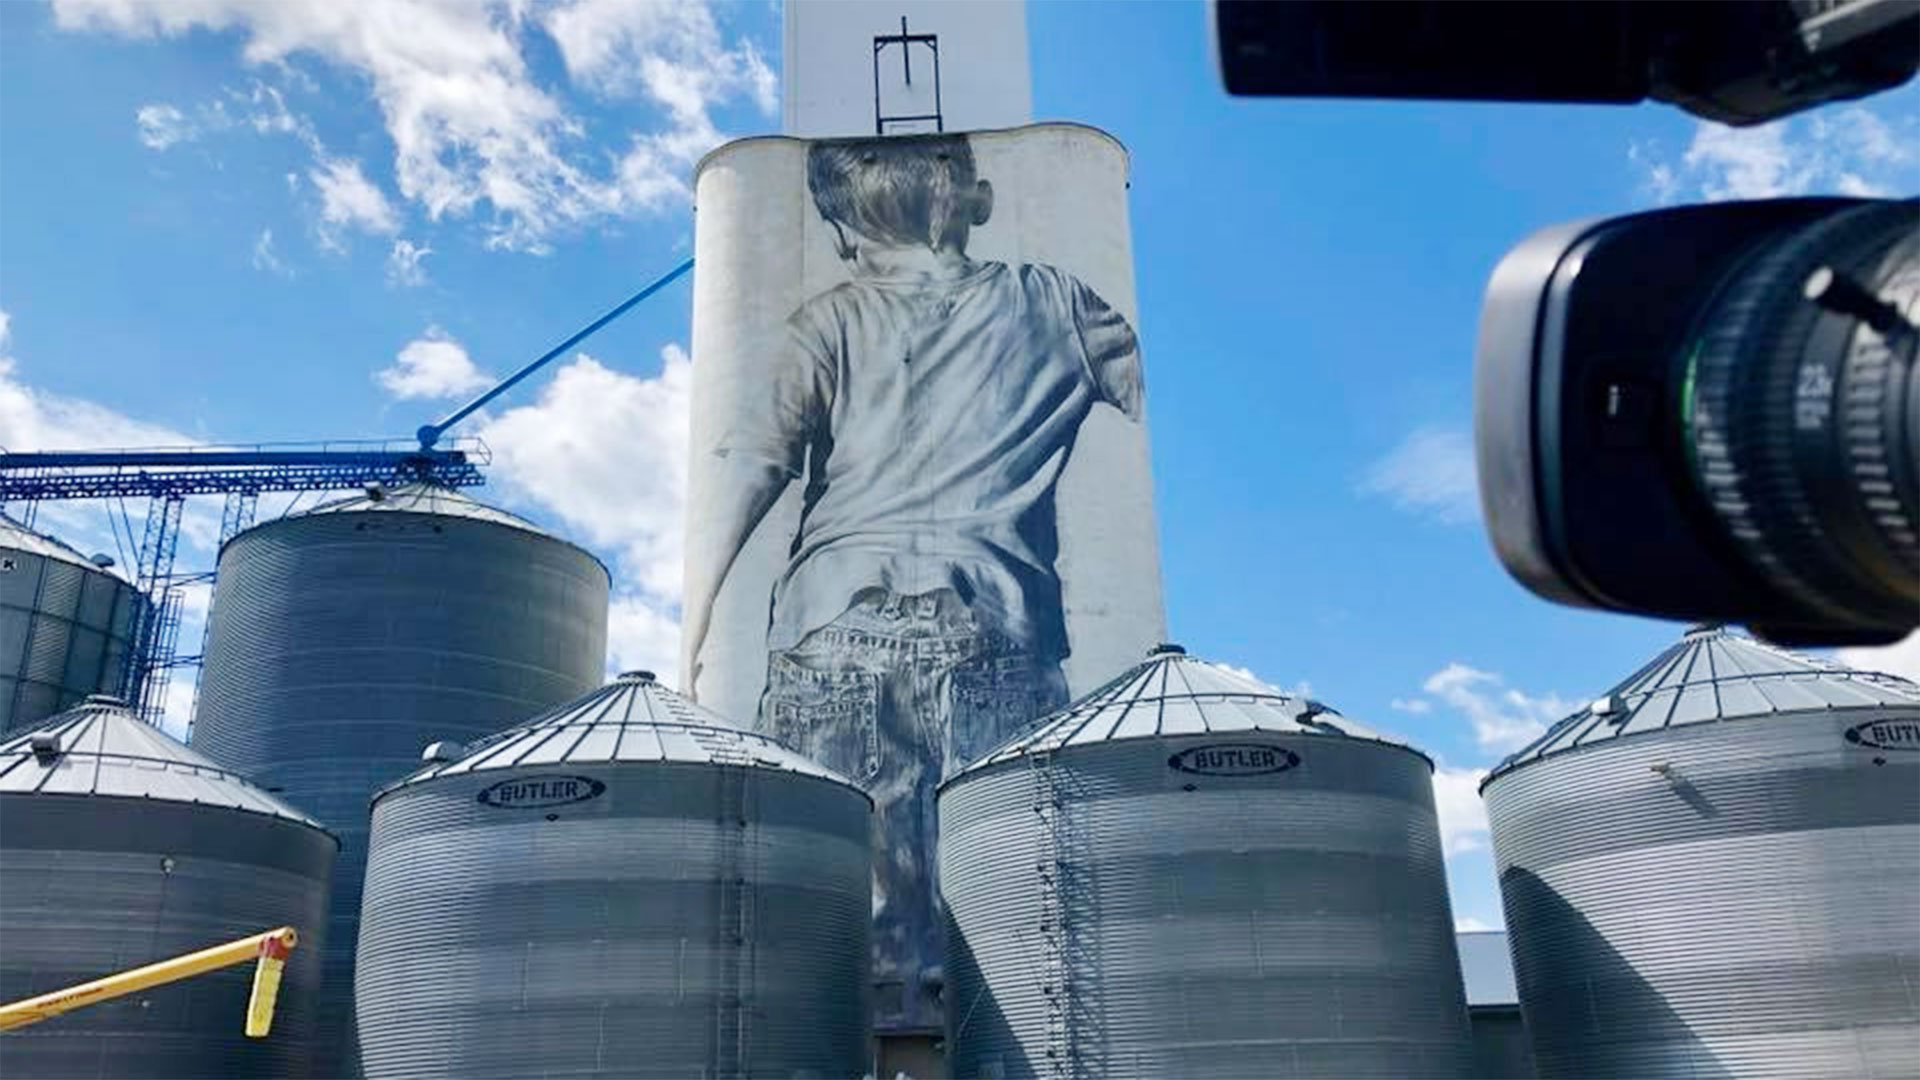 KELO Faulkton art grain bin elevator